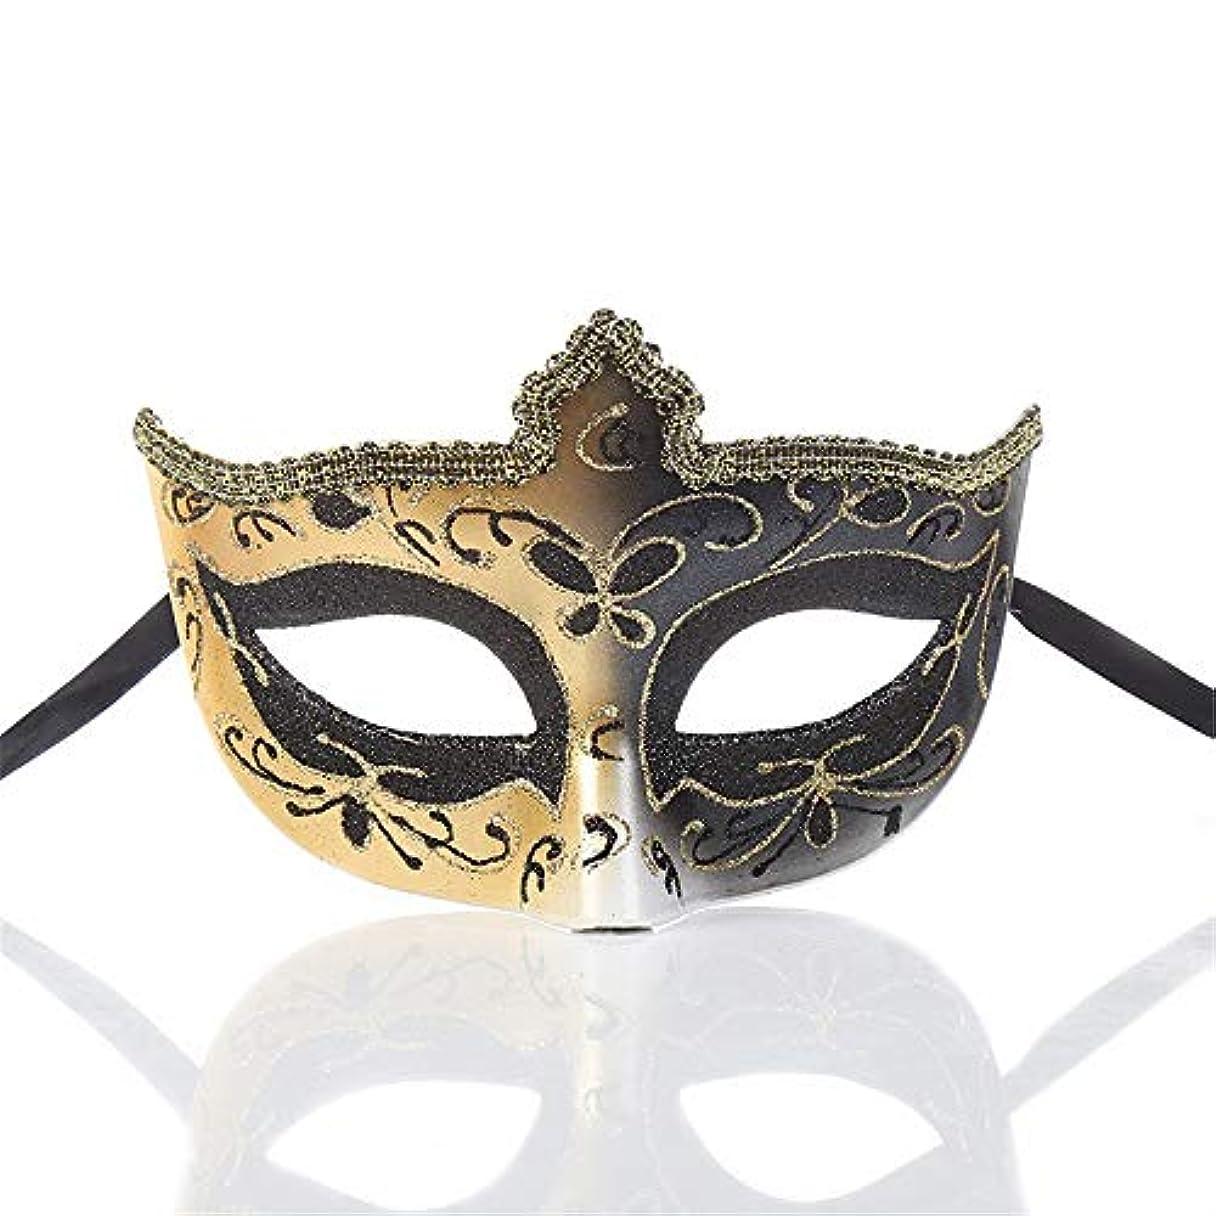 学者確立回復するダンスマスク クリエイティブクラシックハーフマスクマスカレードパーティーデコレーションコスプレプラスチックマスク ホリデーパーティー用品 (色 : ブラック, サイズ : 17x11cm)